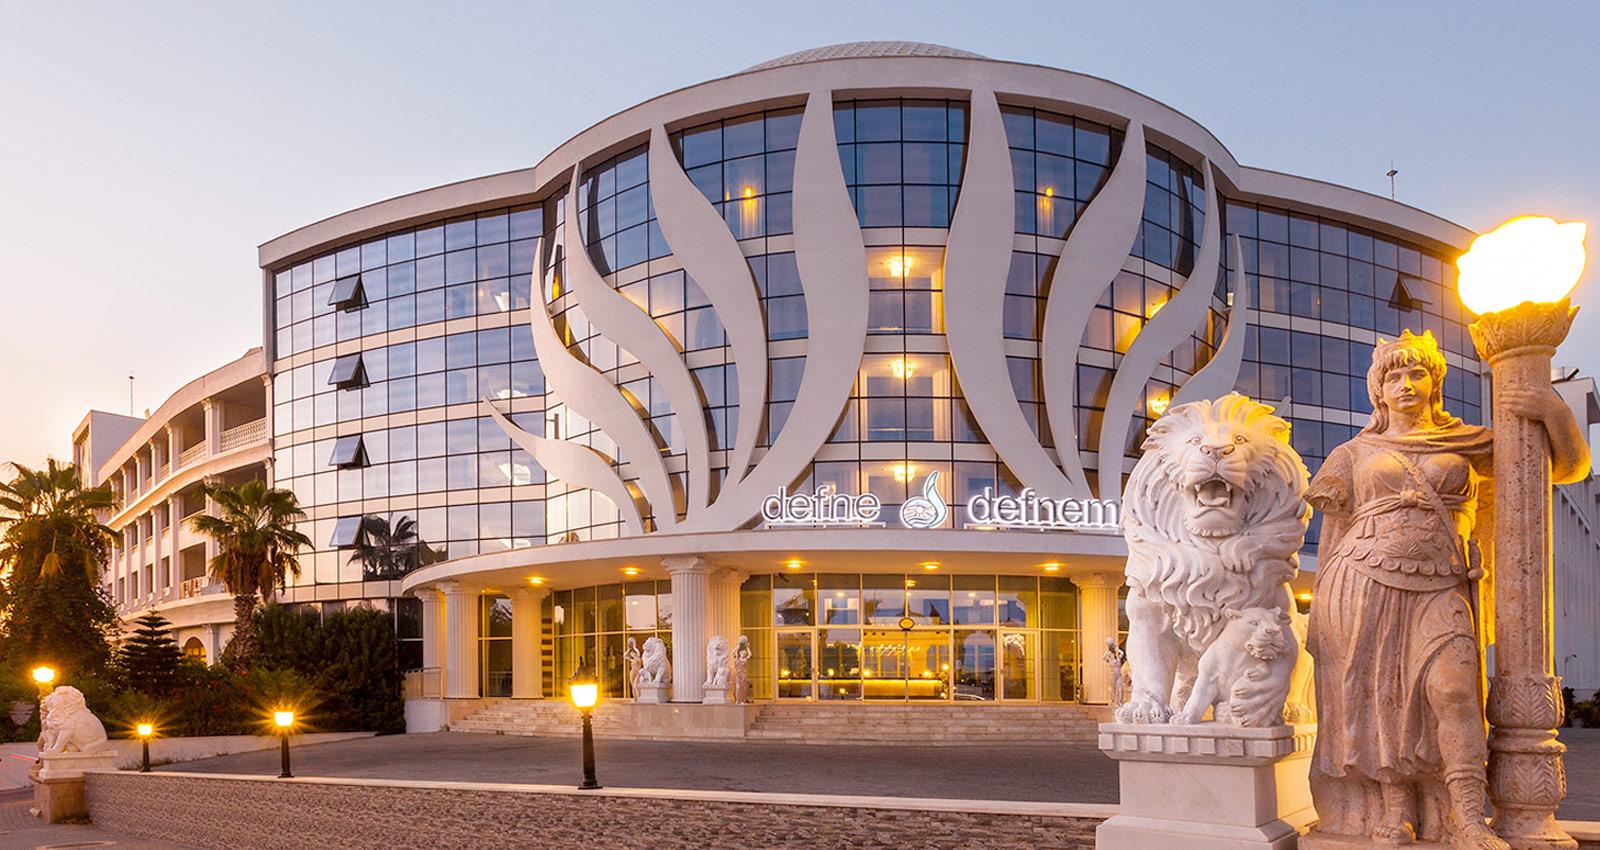 Defne Defnem Hotel, Manavgat